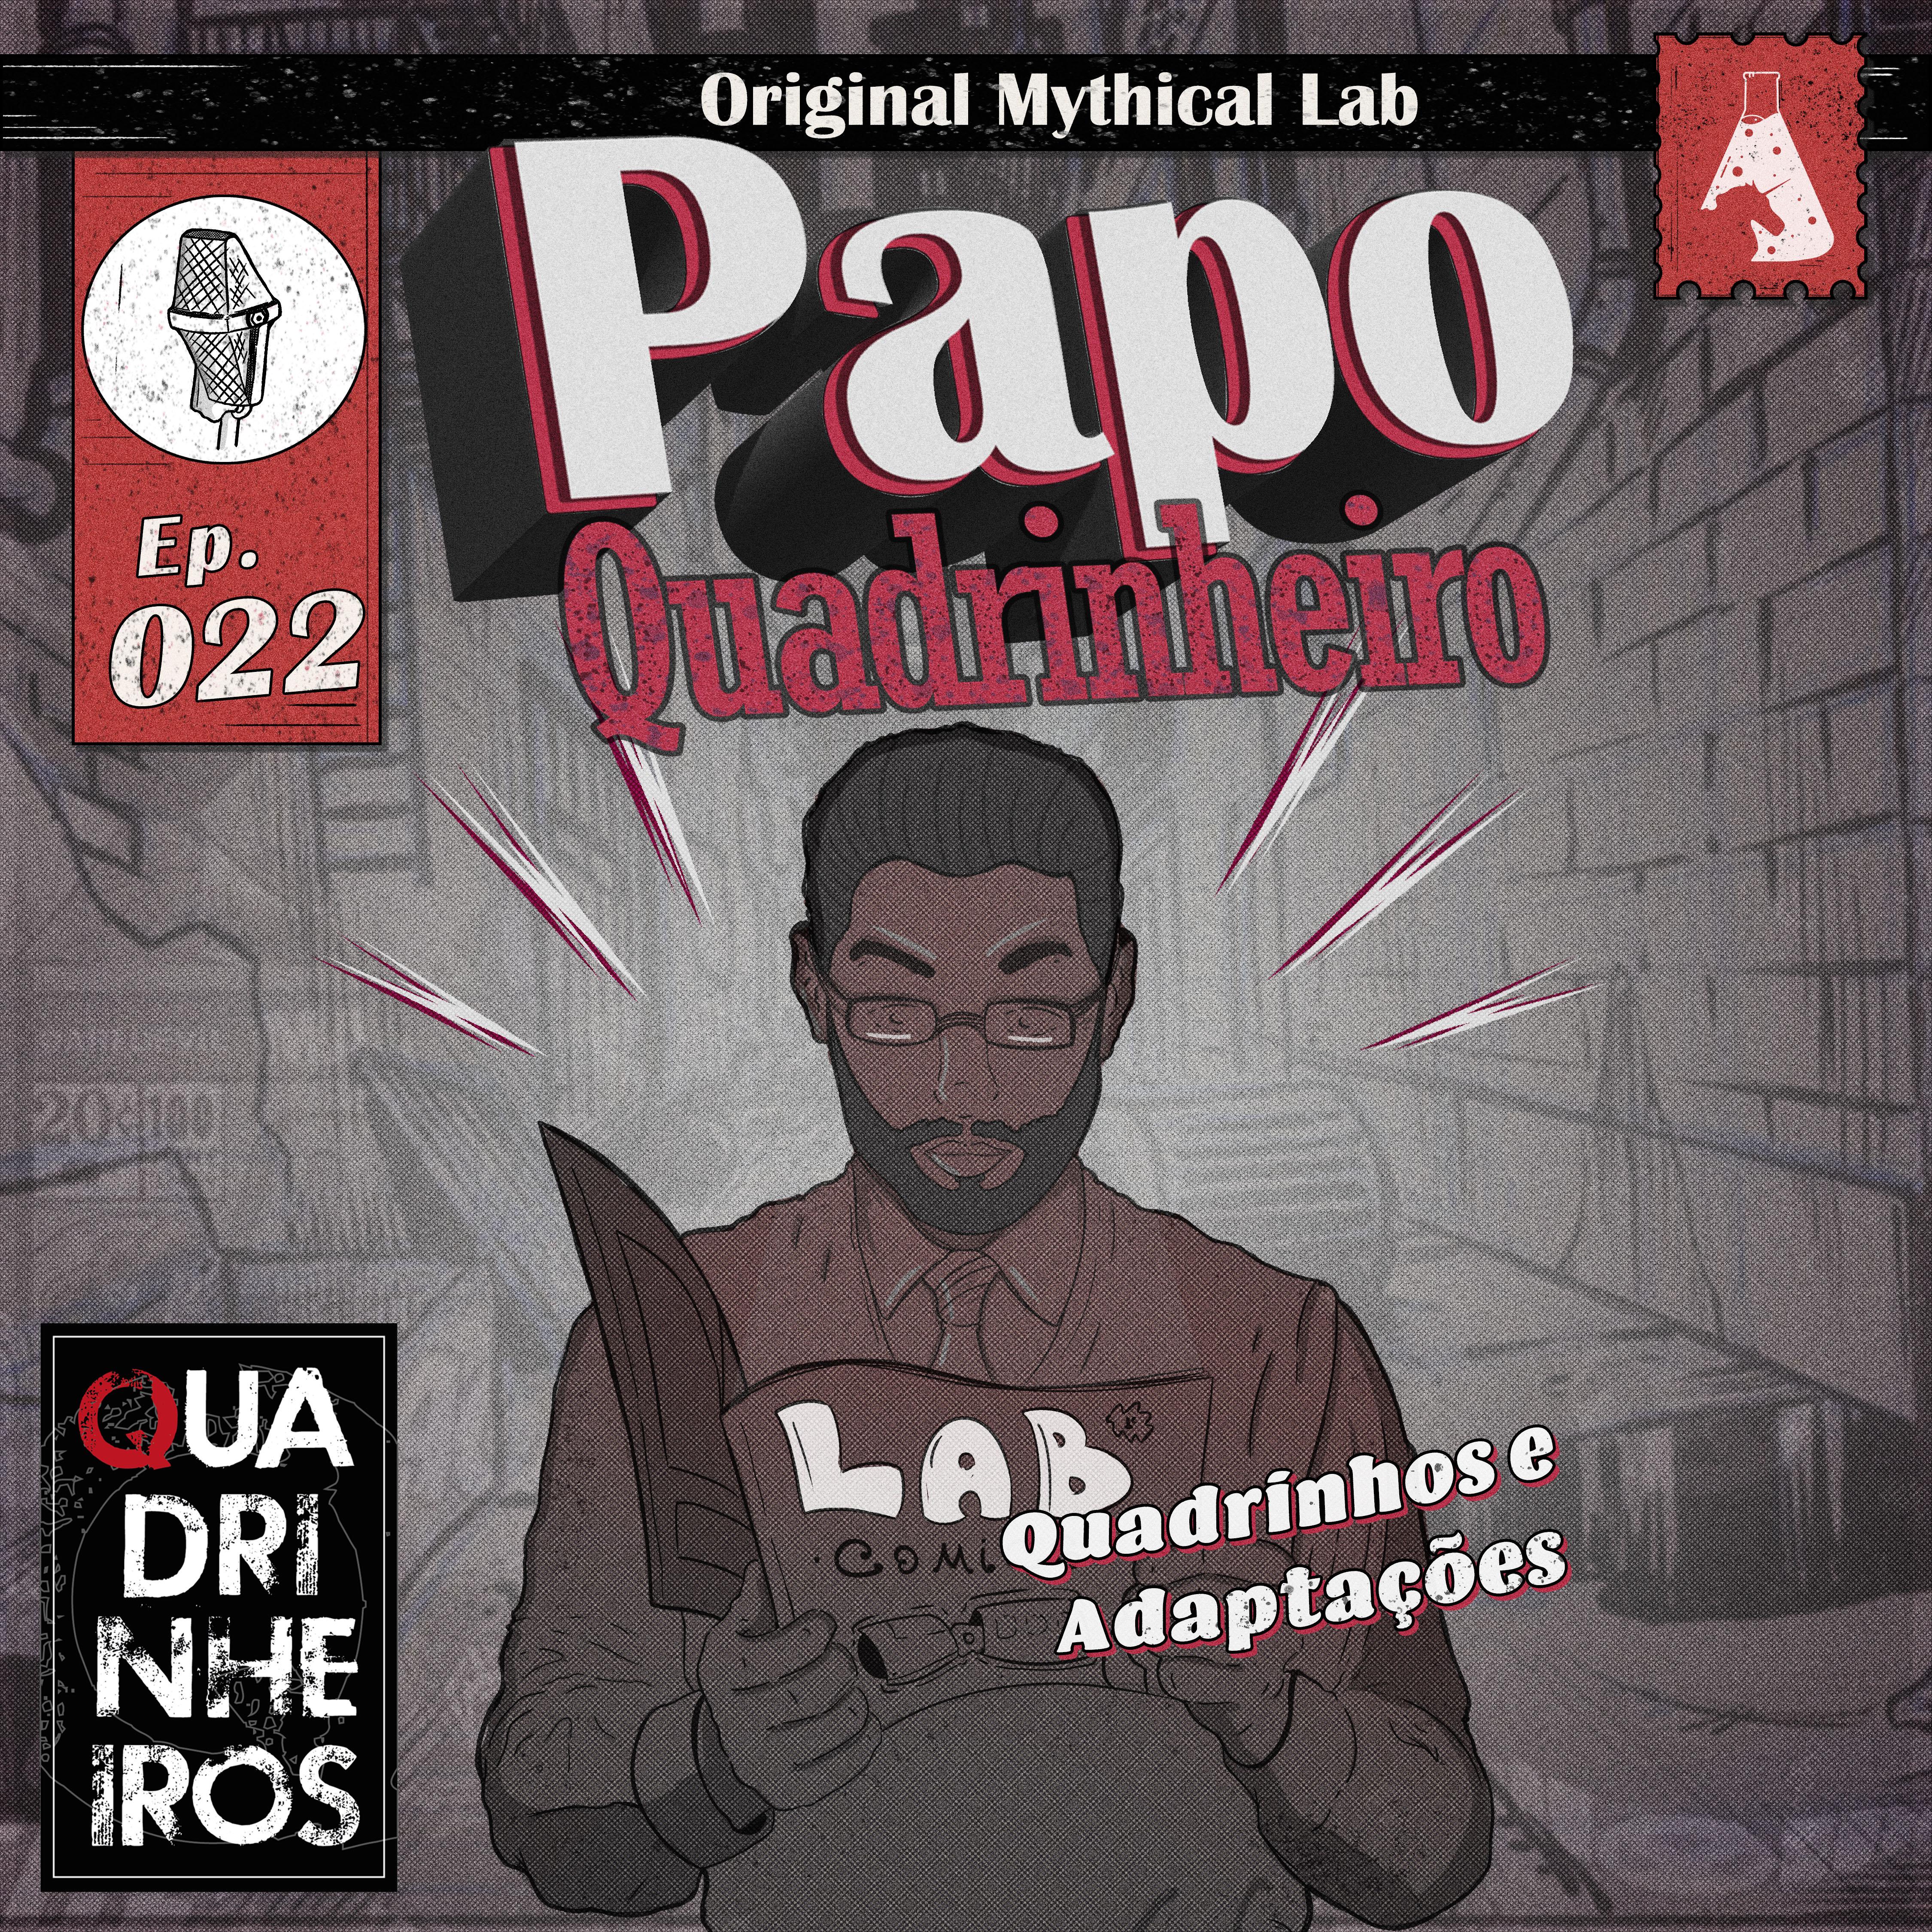 Quadrinhos e Adaptações papo quadrinheiro podcast